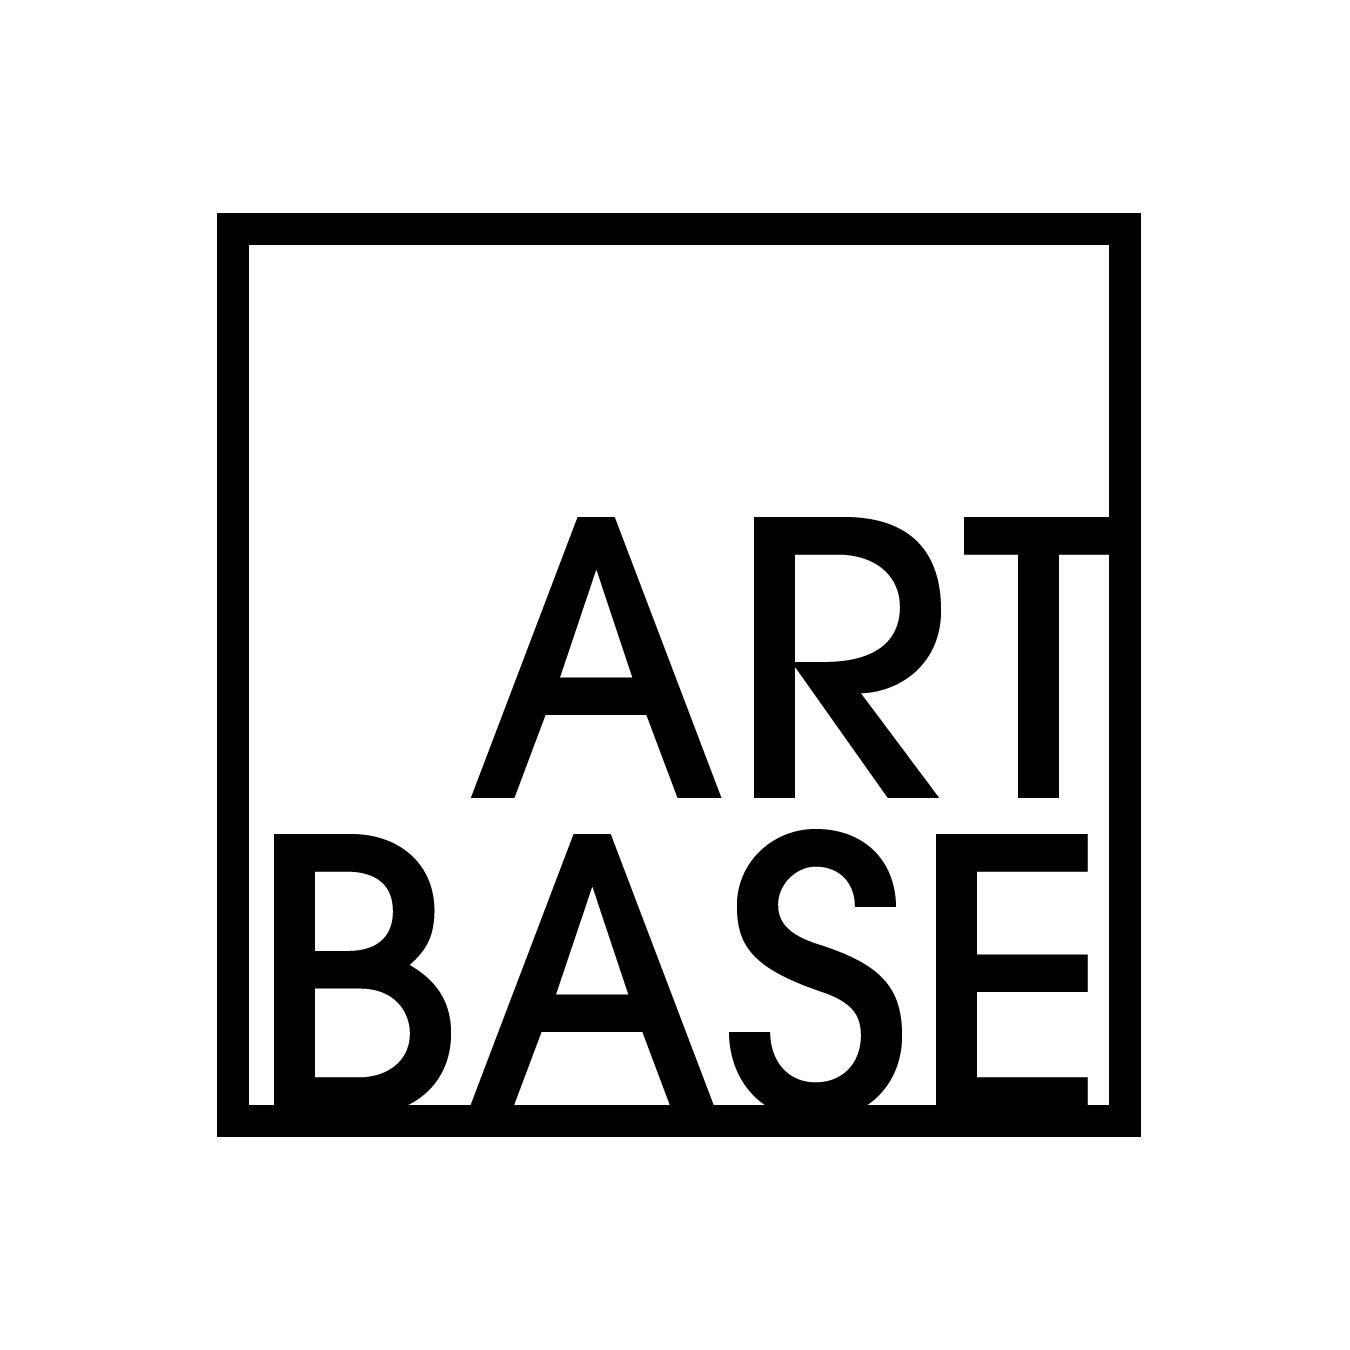 Art Base